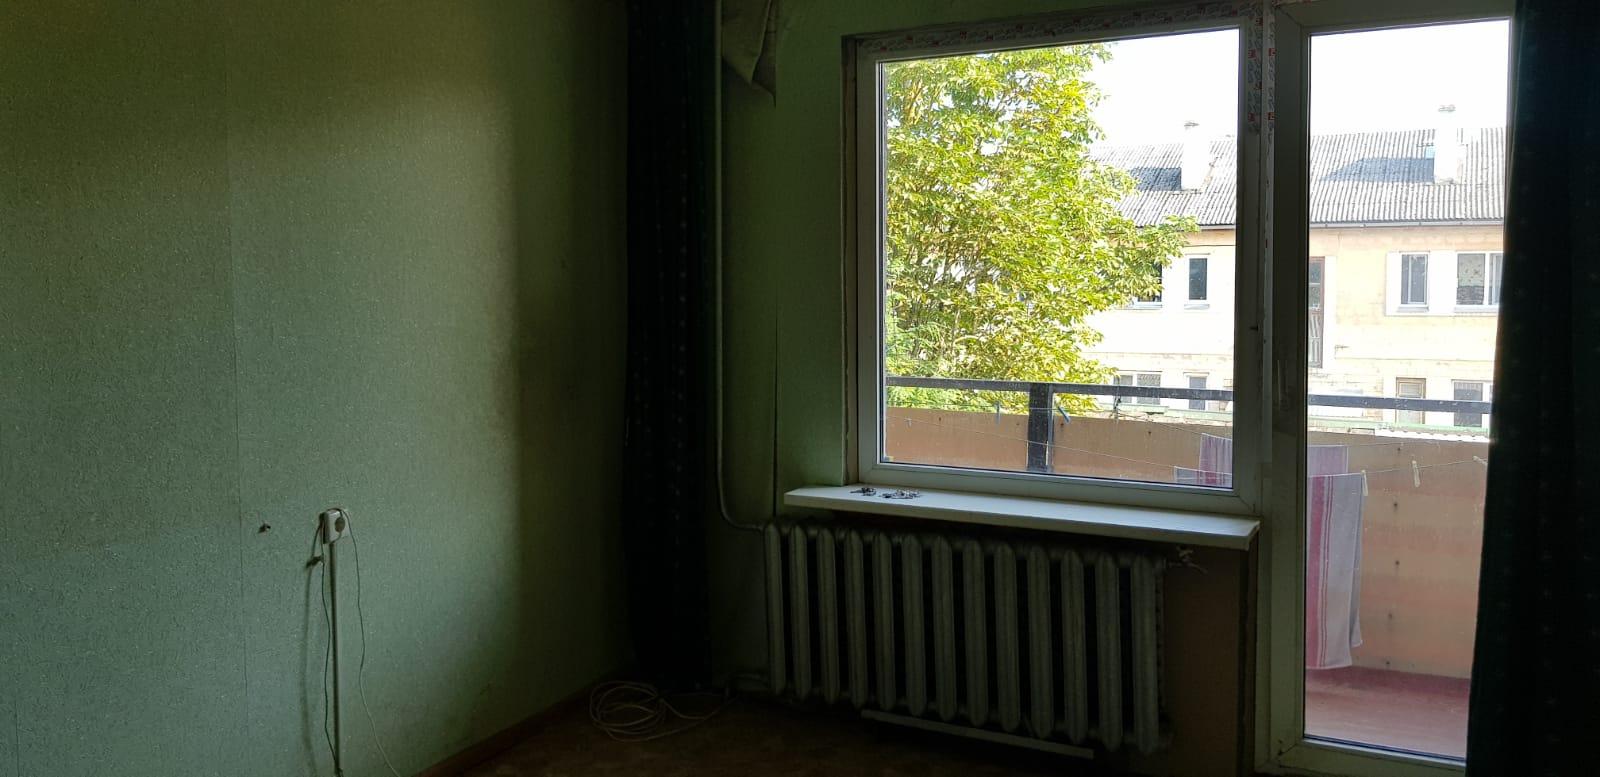 Pārdod dzīvokli, Gaujaslīču iela 24 - Attēls 1